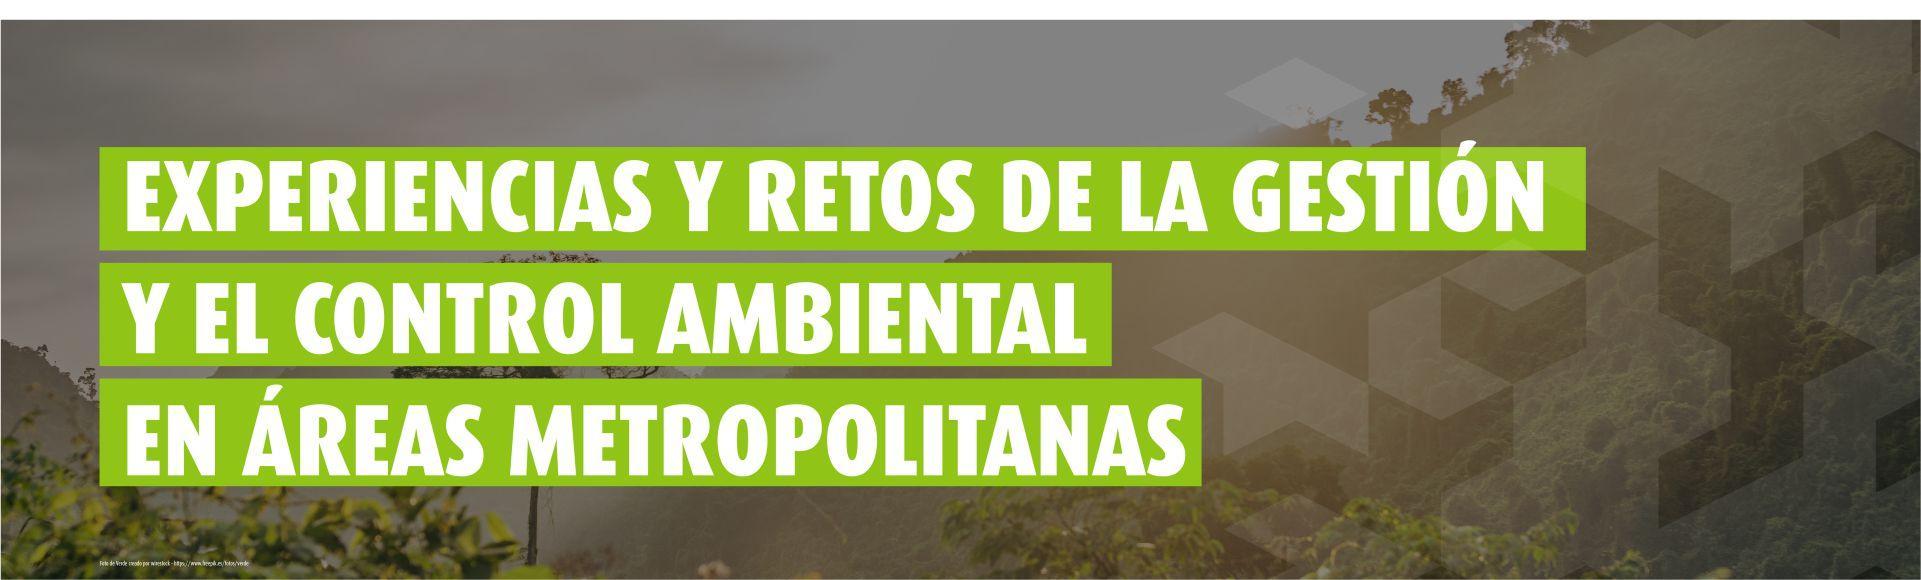 Experiencias y retos de la gestión y el control ambiental en áreas metropolitanas- Cider   Uniandes